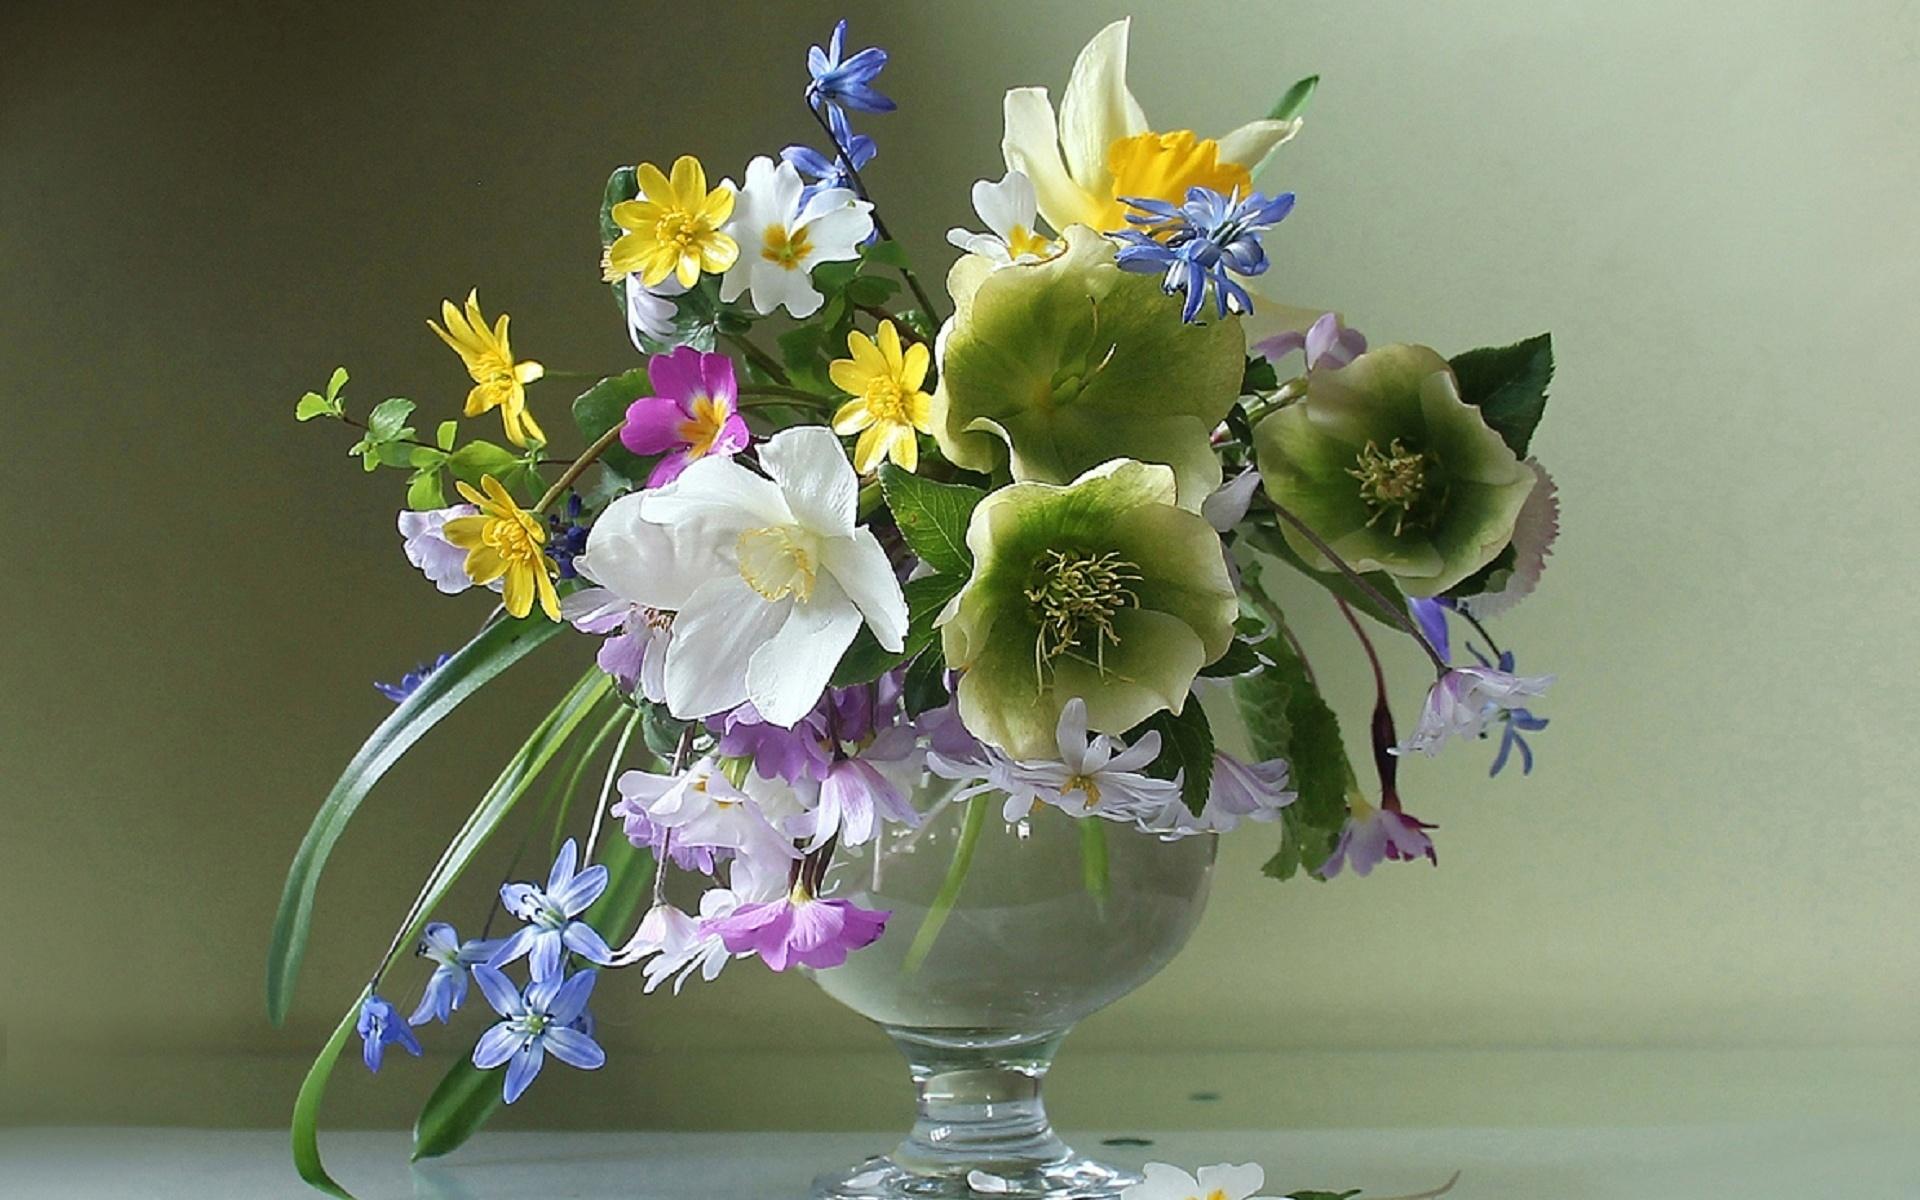 всего она весенние первоцветы вазе фото картинки чтобы